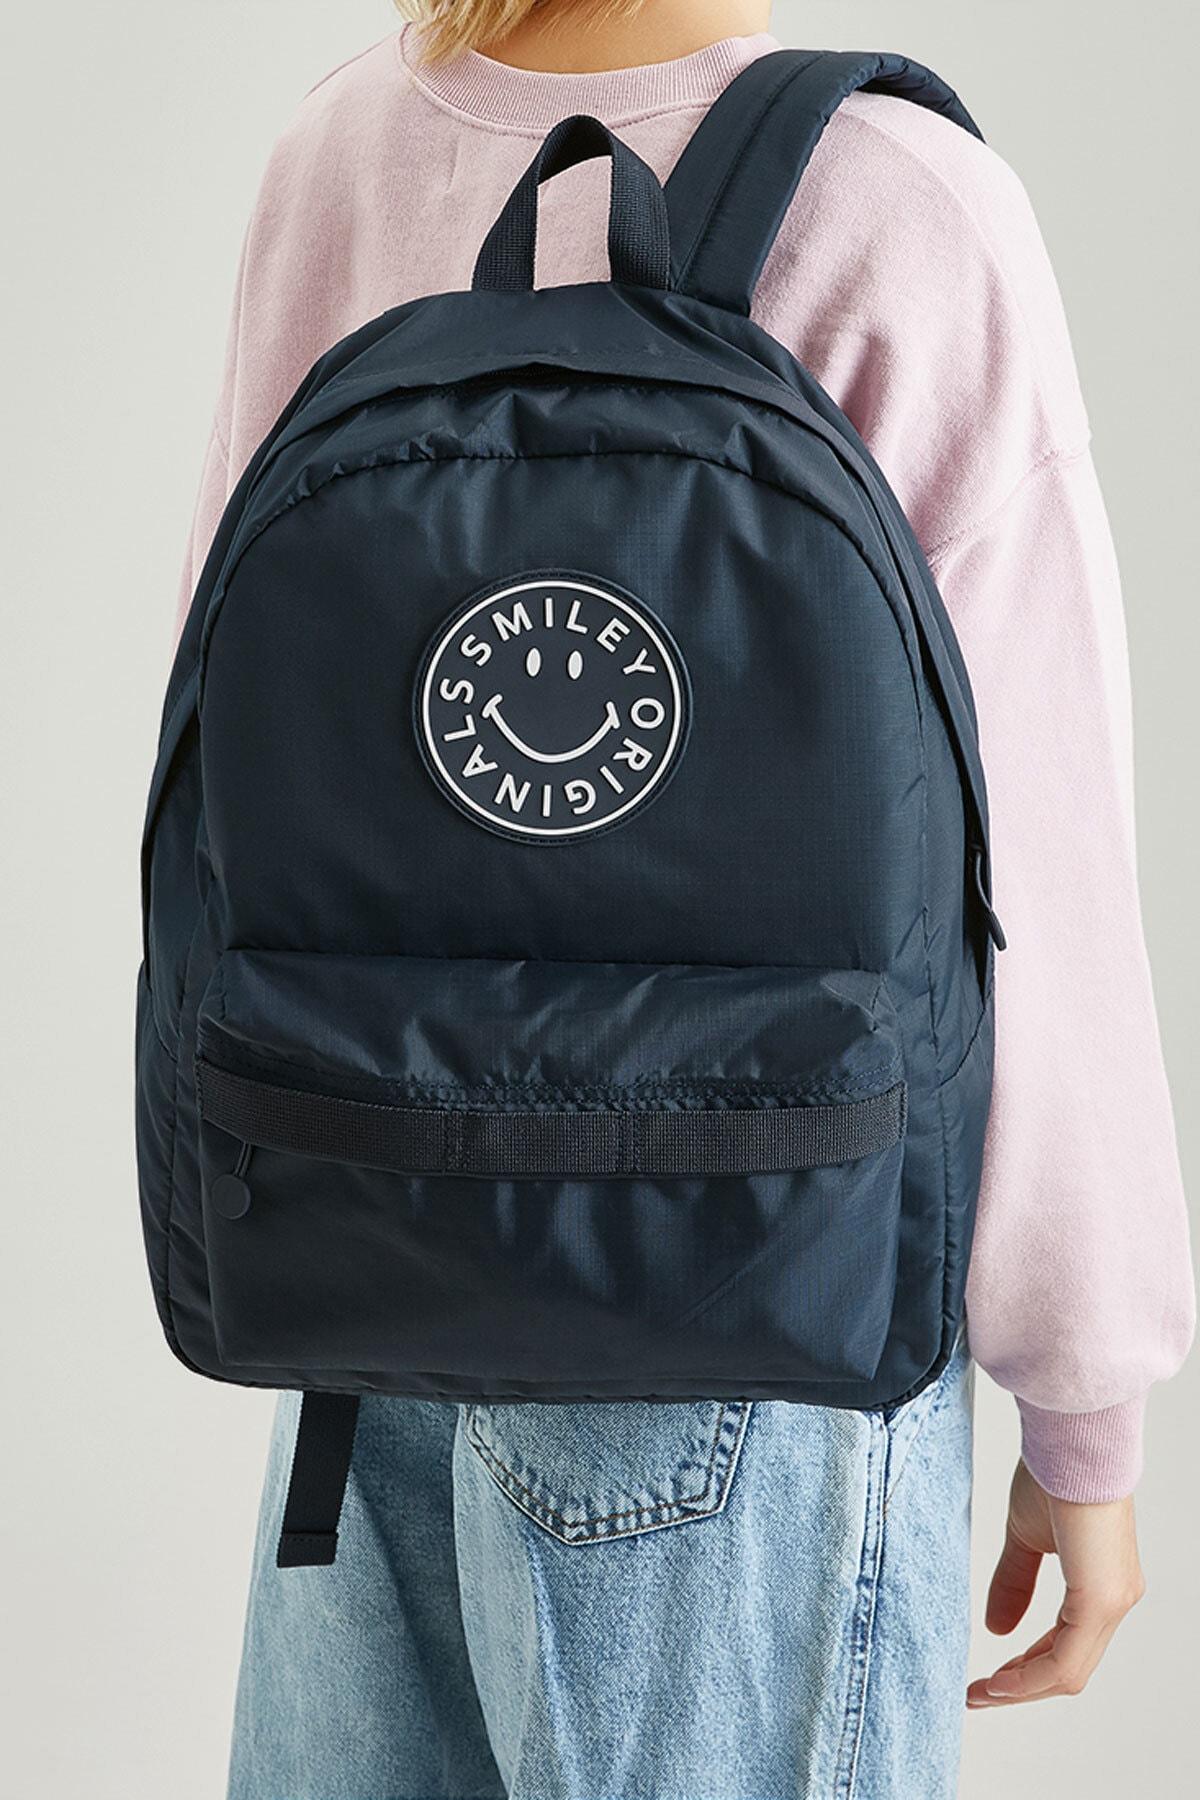 Pull & Bear Kadın Mavi Smiley Logolu Sırt Çantası 14039640 2